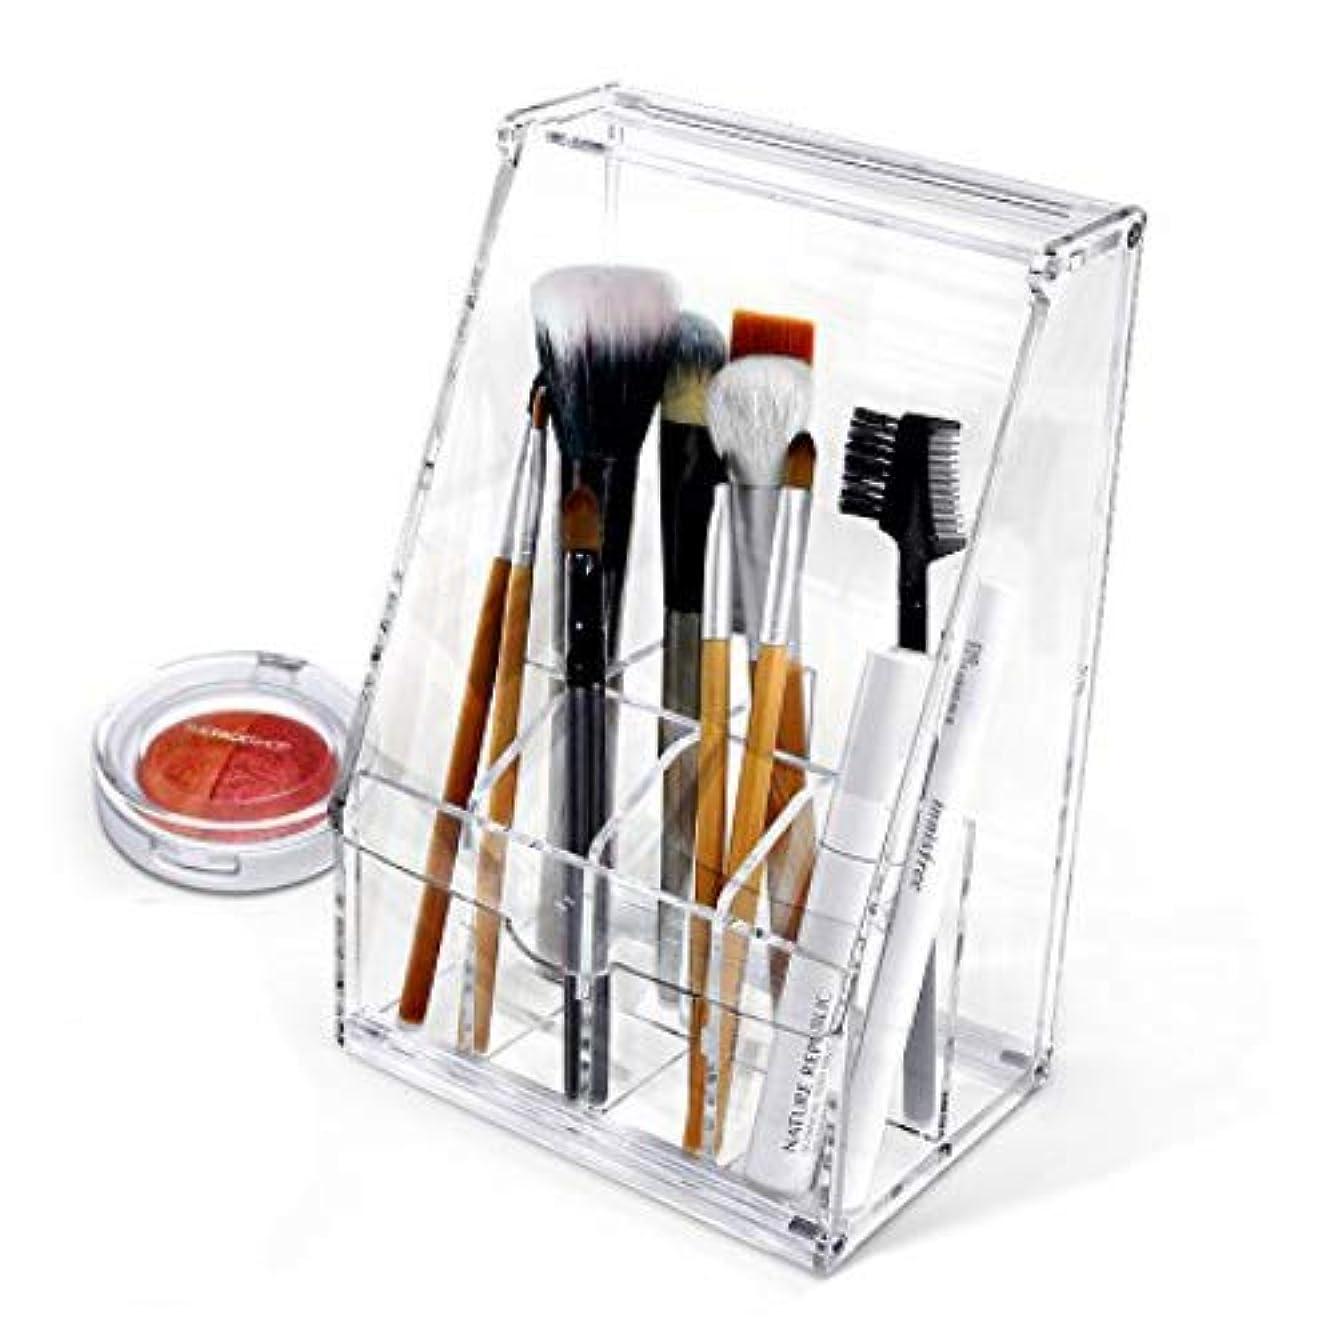 メーカーマーチャンダイザー豆Acrylic アクリル DIY Cosmetic 透明 コスメケース 蓋付き メイクケース メイク ボックス 化粧品 入れ コスメ ブラシ 収納 スタンド/Organizer storage For Eyebrow Pencil & Brush Make-up [並行輸入品]